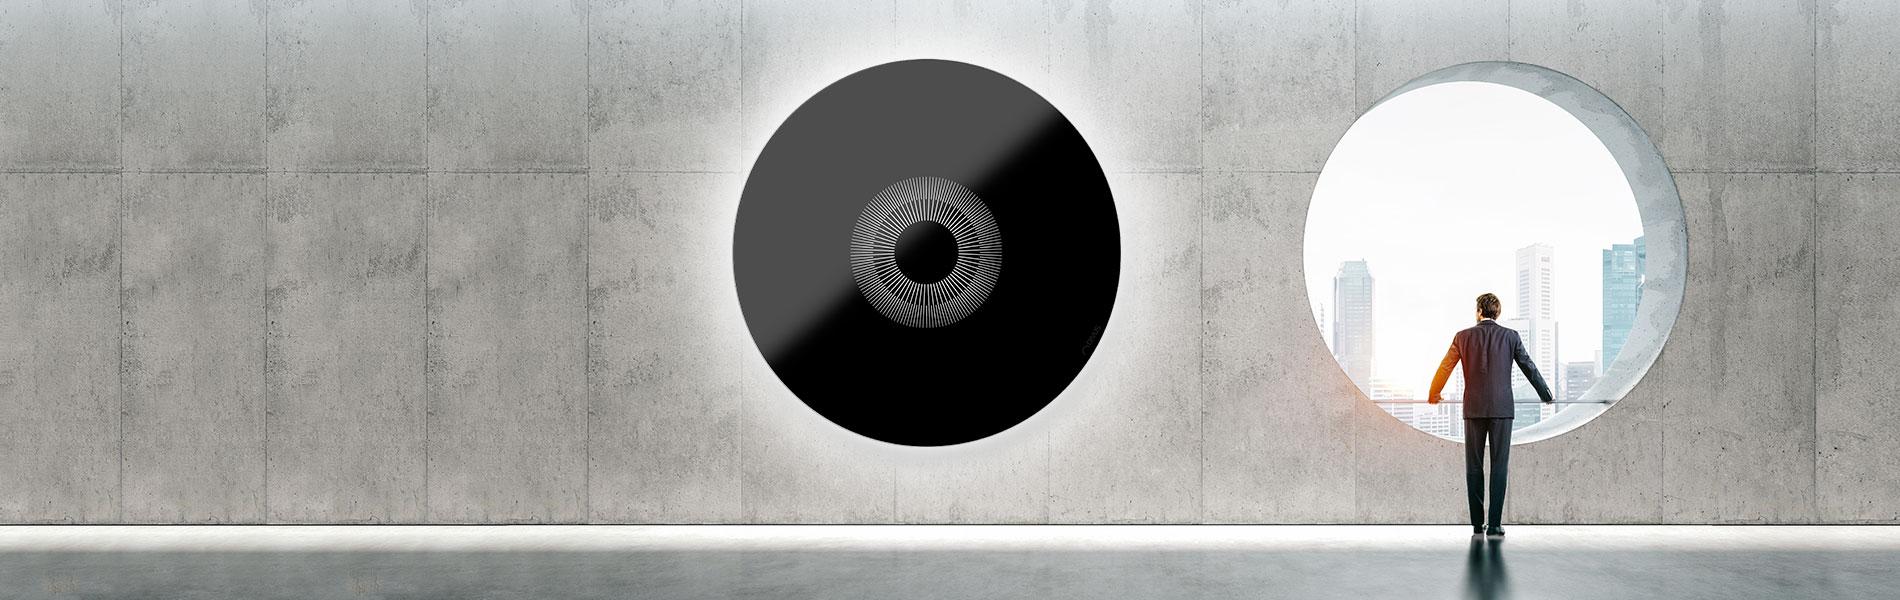 circle_beton-slider1-1900px